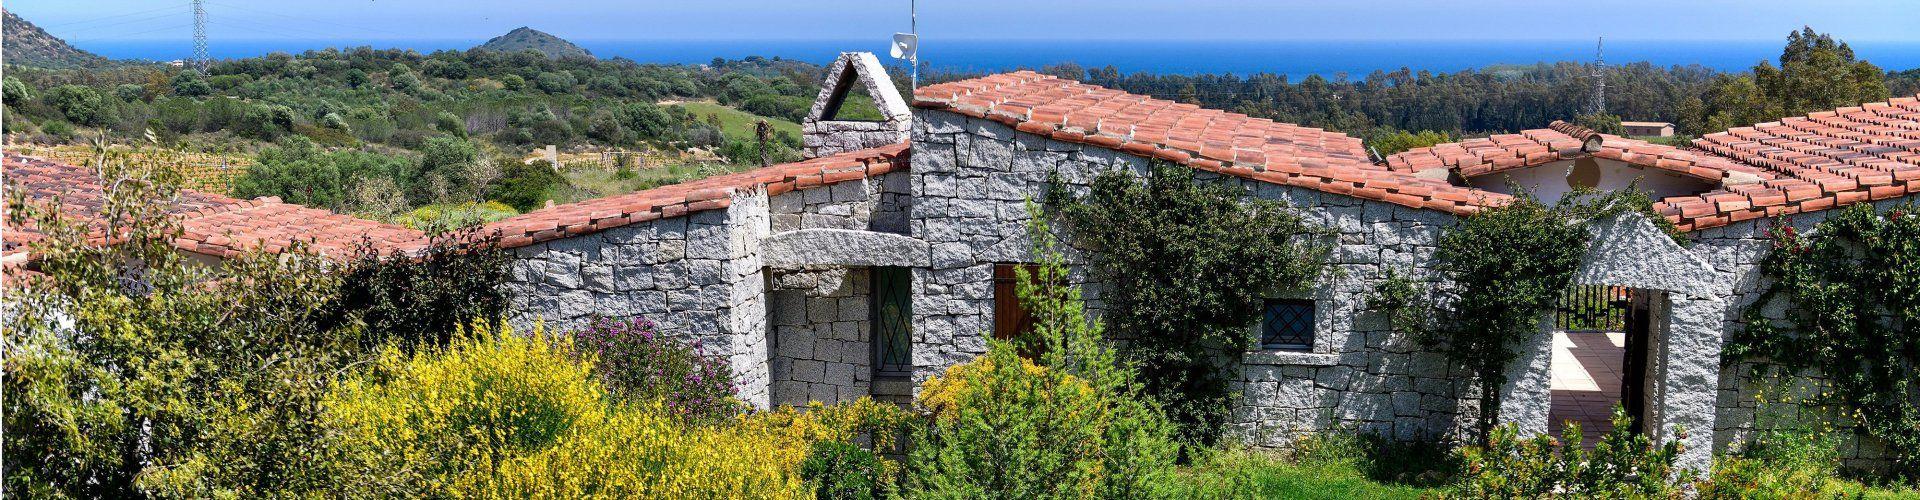 Ferienvilla mit Meerblick im Südosten Sardiniens